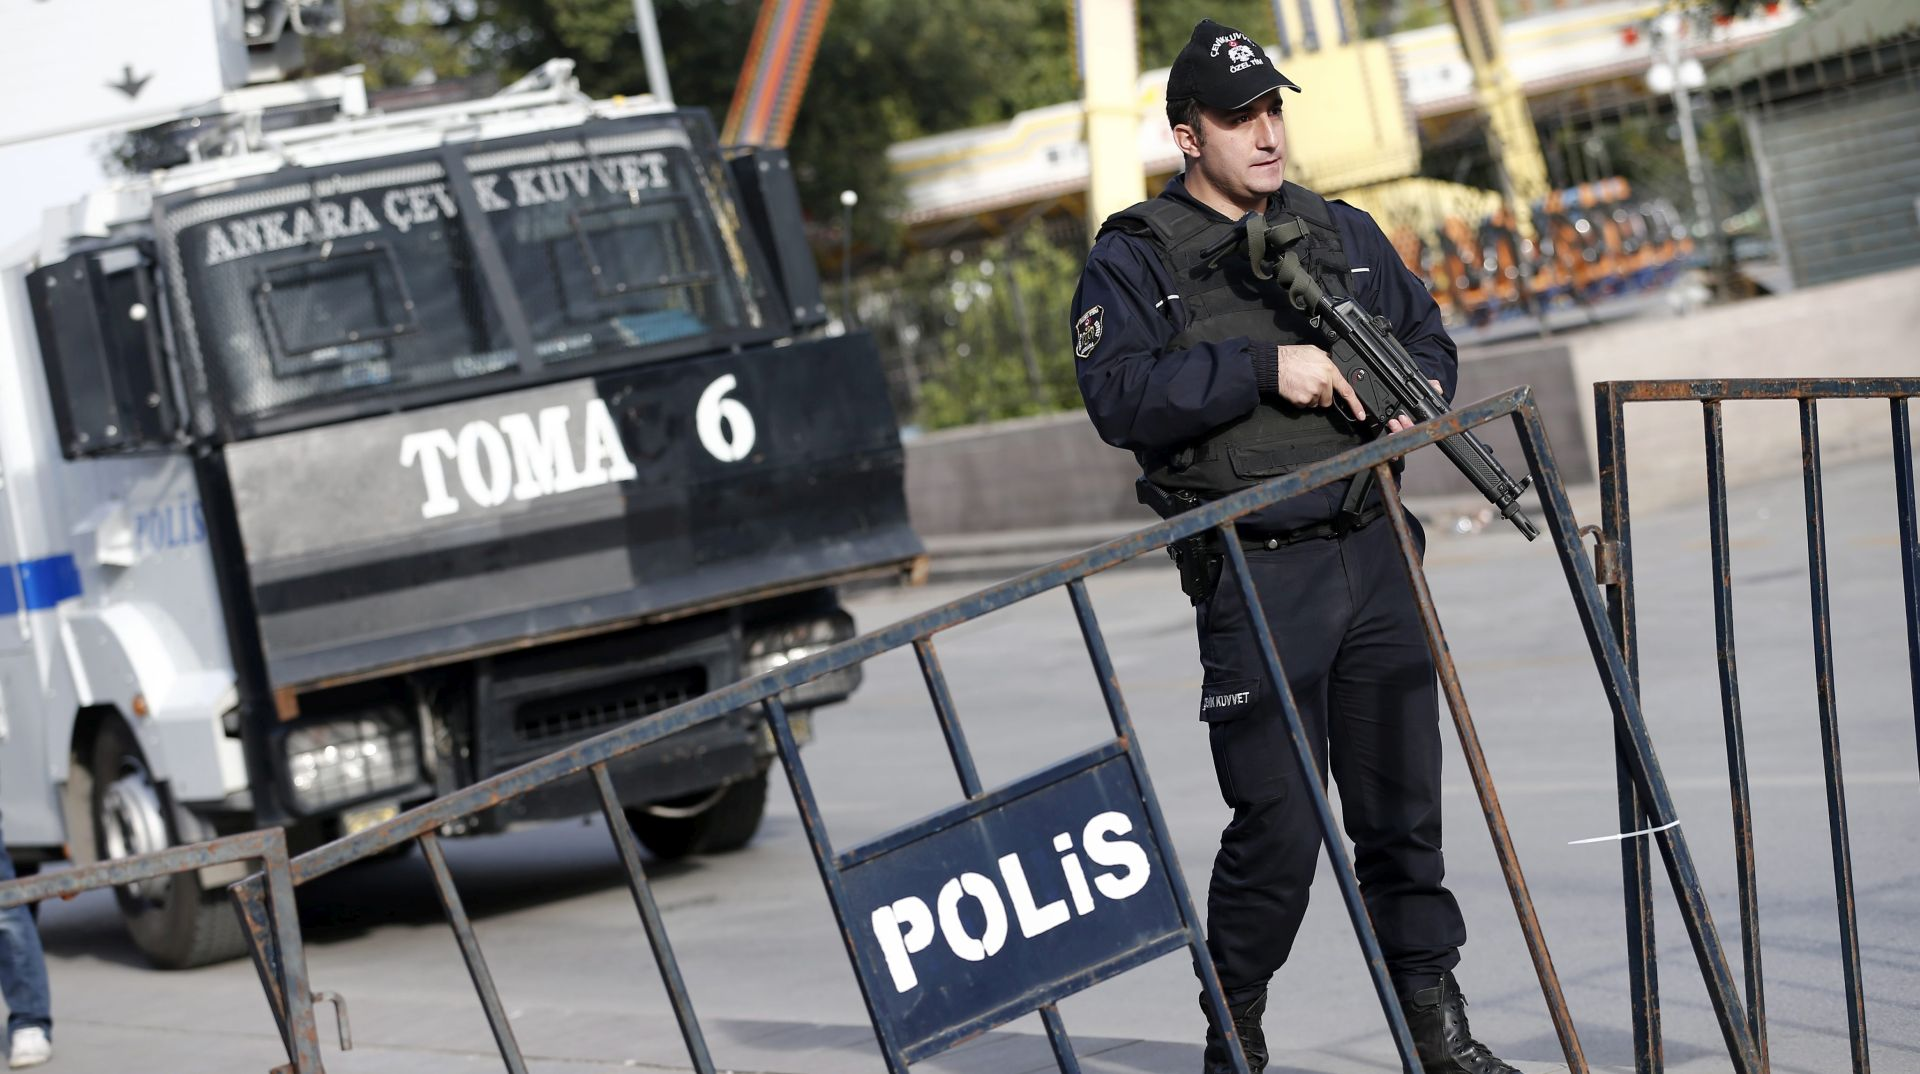 Turski profesori pušteni do početka suđenja za terorističku propagandu